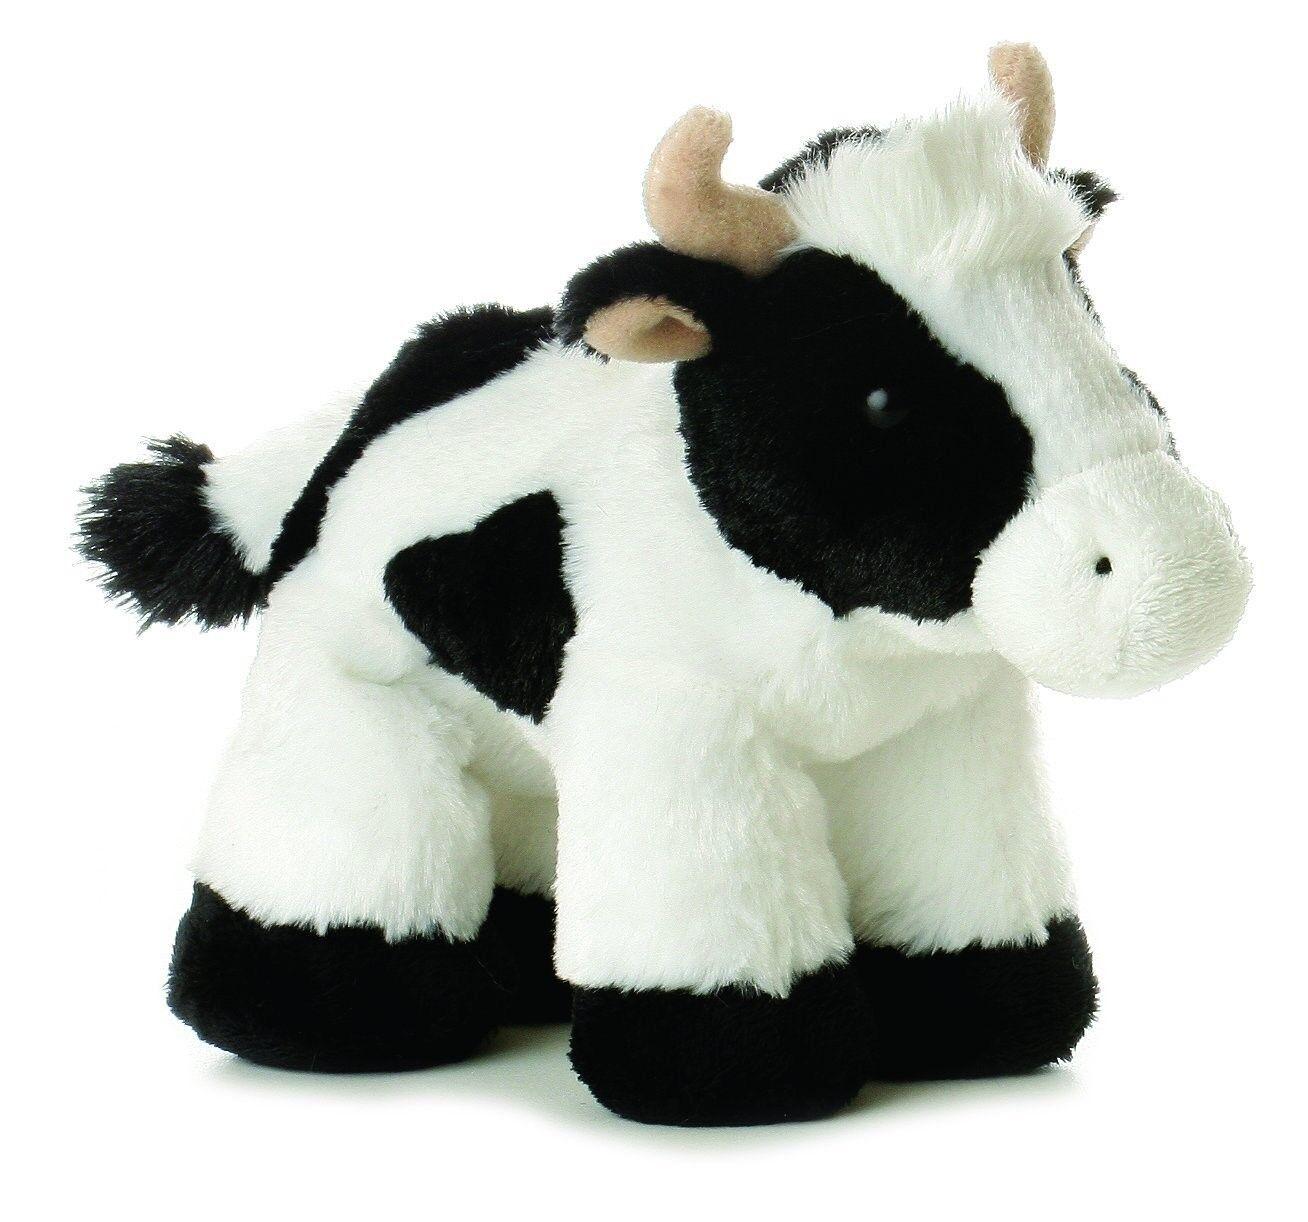 8 Mini Moo Cow Plush Stuffed Animal Toy